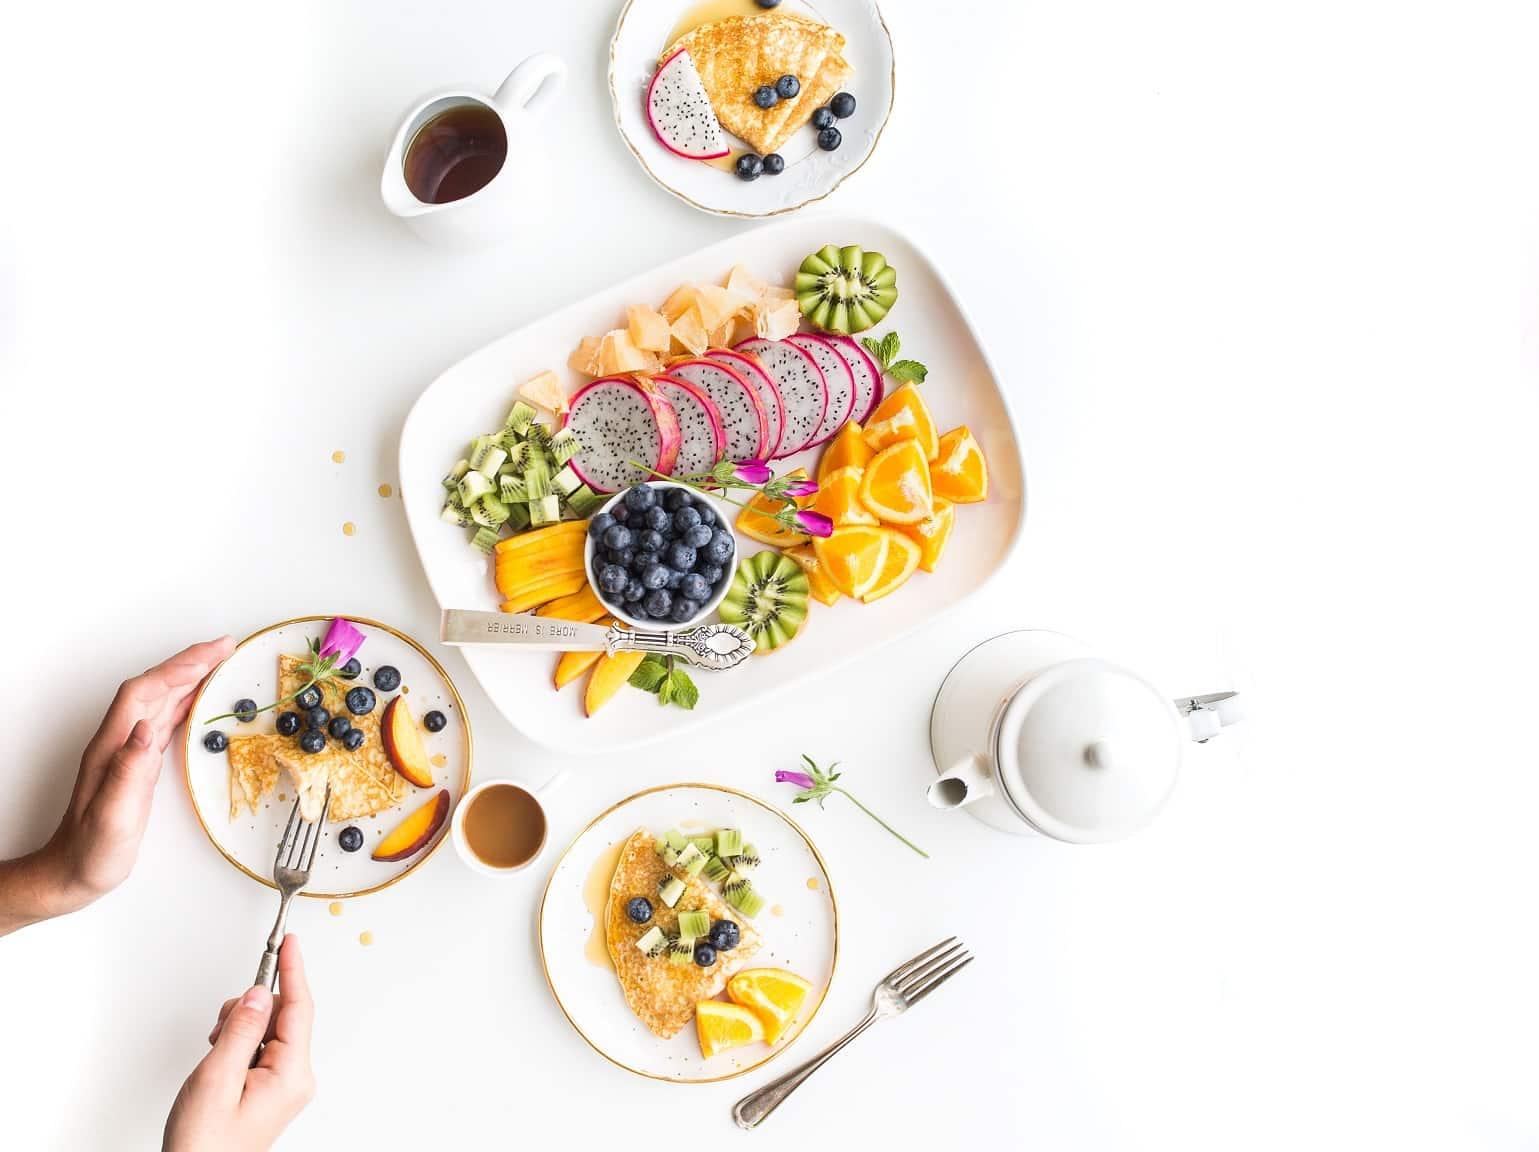 Sprawdź czy można jeść owoce wieczorem, czy lepiej ich unikać